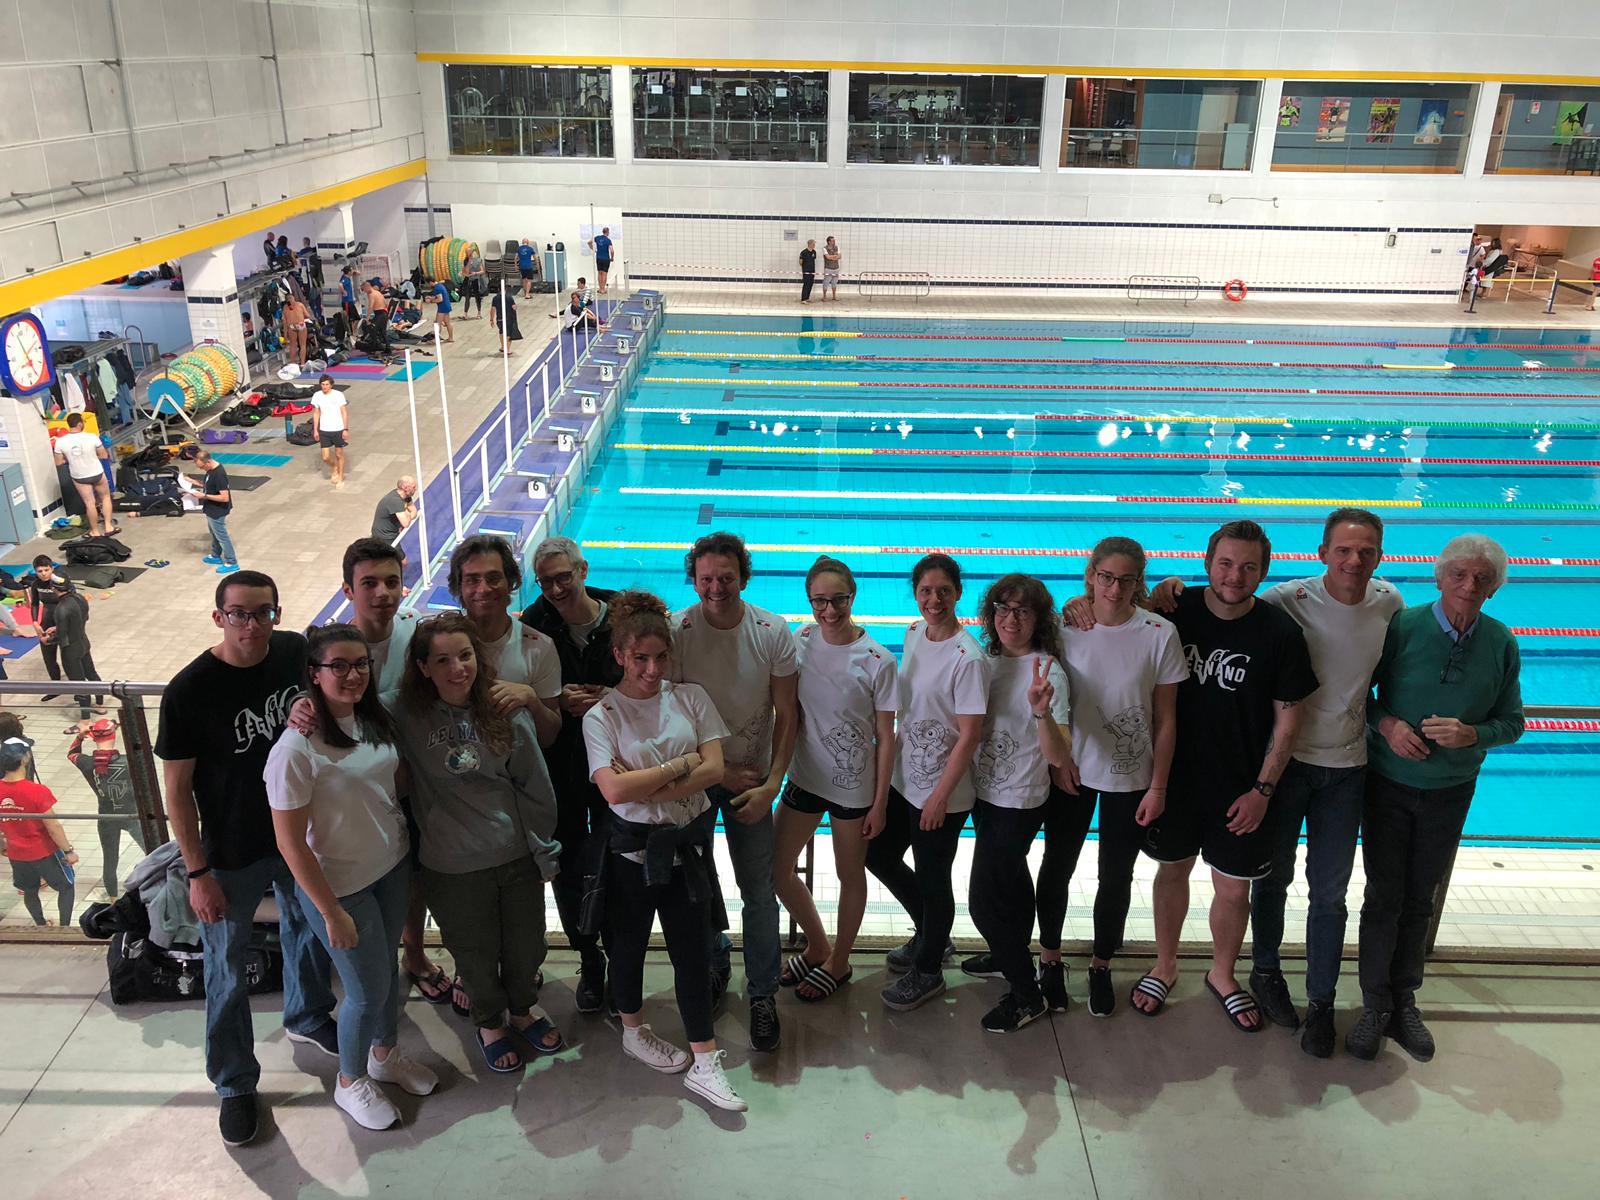 Report attività APNEA : Nuotatori del Carroccio sempre più affascinati dalla tecnica di Apnea